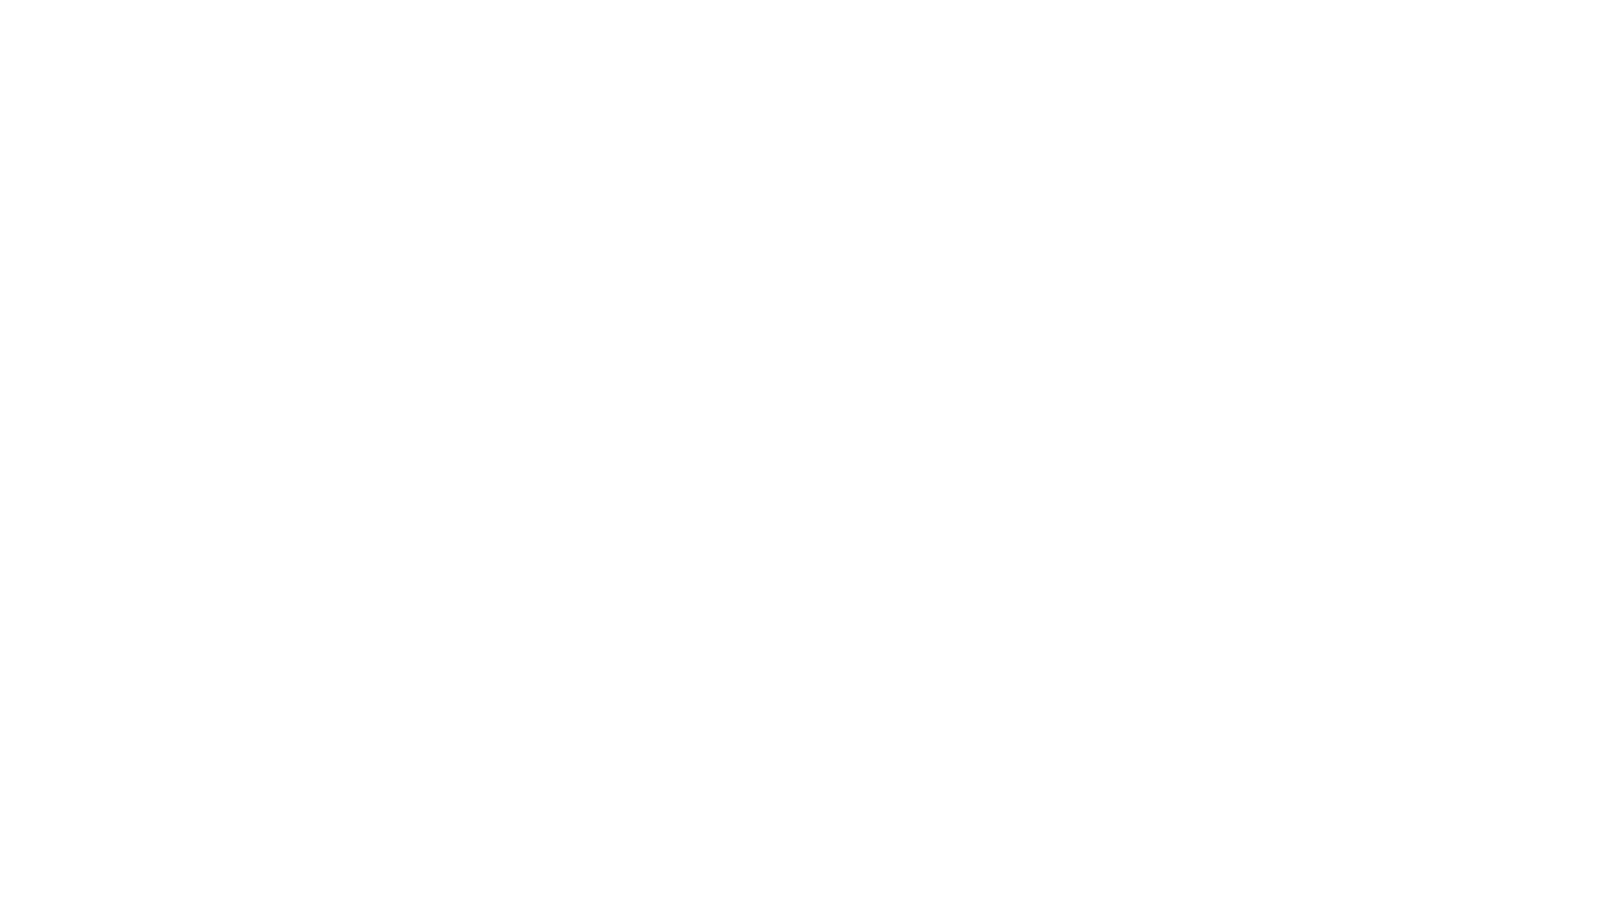 Le audionews di Ondawebtv 👩💻 #lenotizieinpositivo 🔖 8 maggio 👉Troisi poeta Massimo, inaugurata la mostra a Castel dell'Ovo  👉Catello Maresca al Giordani. Il libro sulle radici della camorra 👉Ti ci porto Io! Domani sesto video: la Basilica di Sant'Angelo in Formis 🌼Buon ascolto e buona visione con l'informazione culturale made in Caserta! 📲 Iscrivetevi al canale YouTube di Ondawebtv e seguite le nostre pagine su FB, Instagram e Spotify